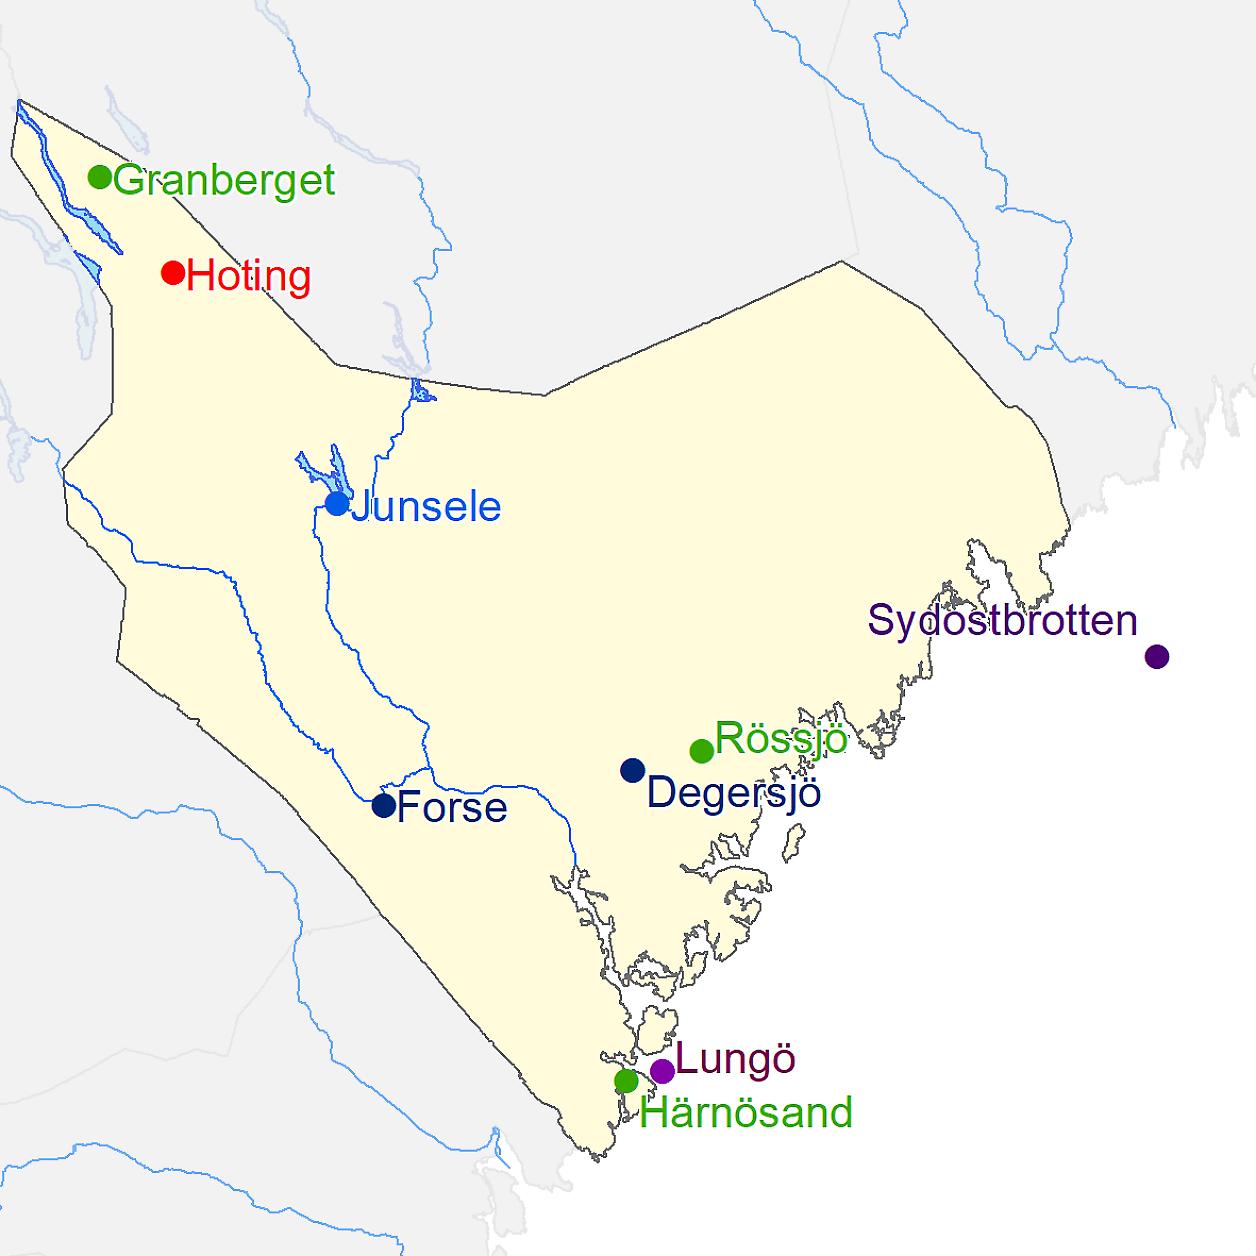 Junsele Karta Sverige.Karta Engermanland